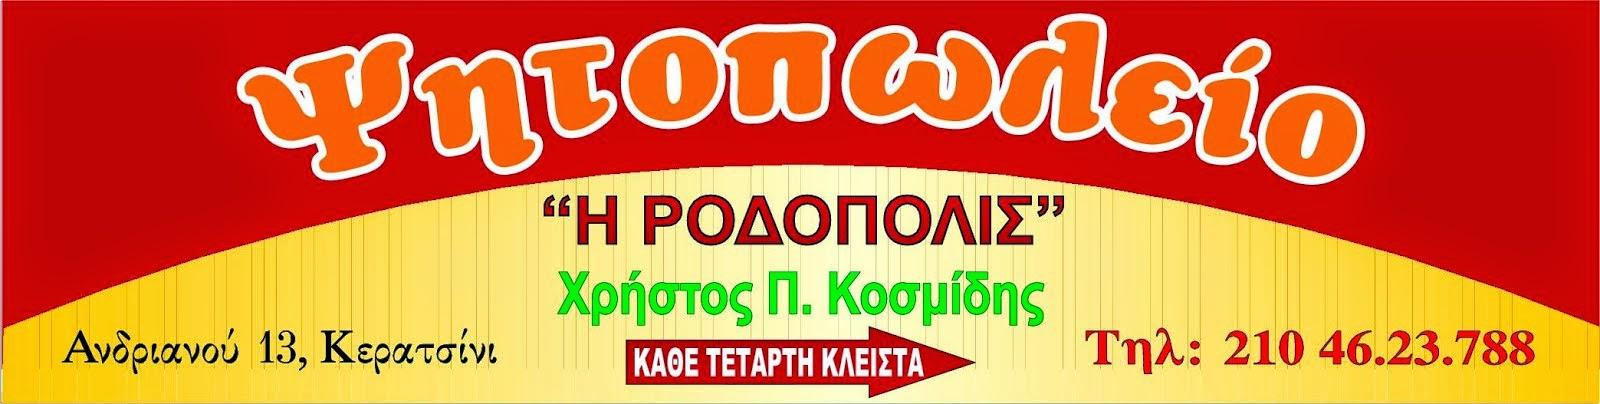 ΡΟΔΟΠΟΛΙΣ - ΚΟΣΜΙΔΗΣ